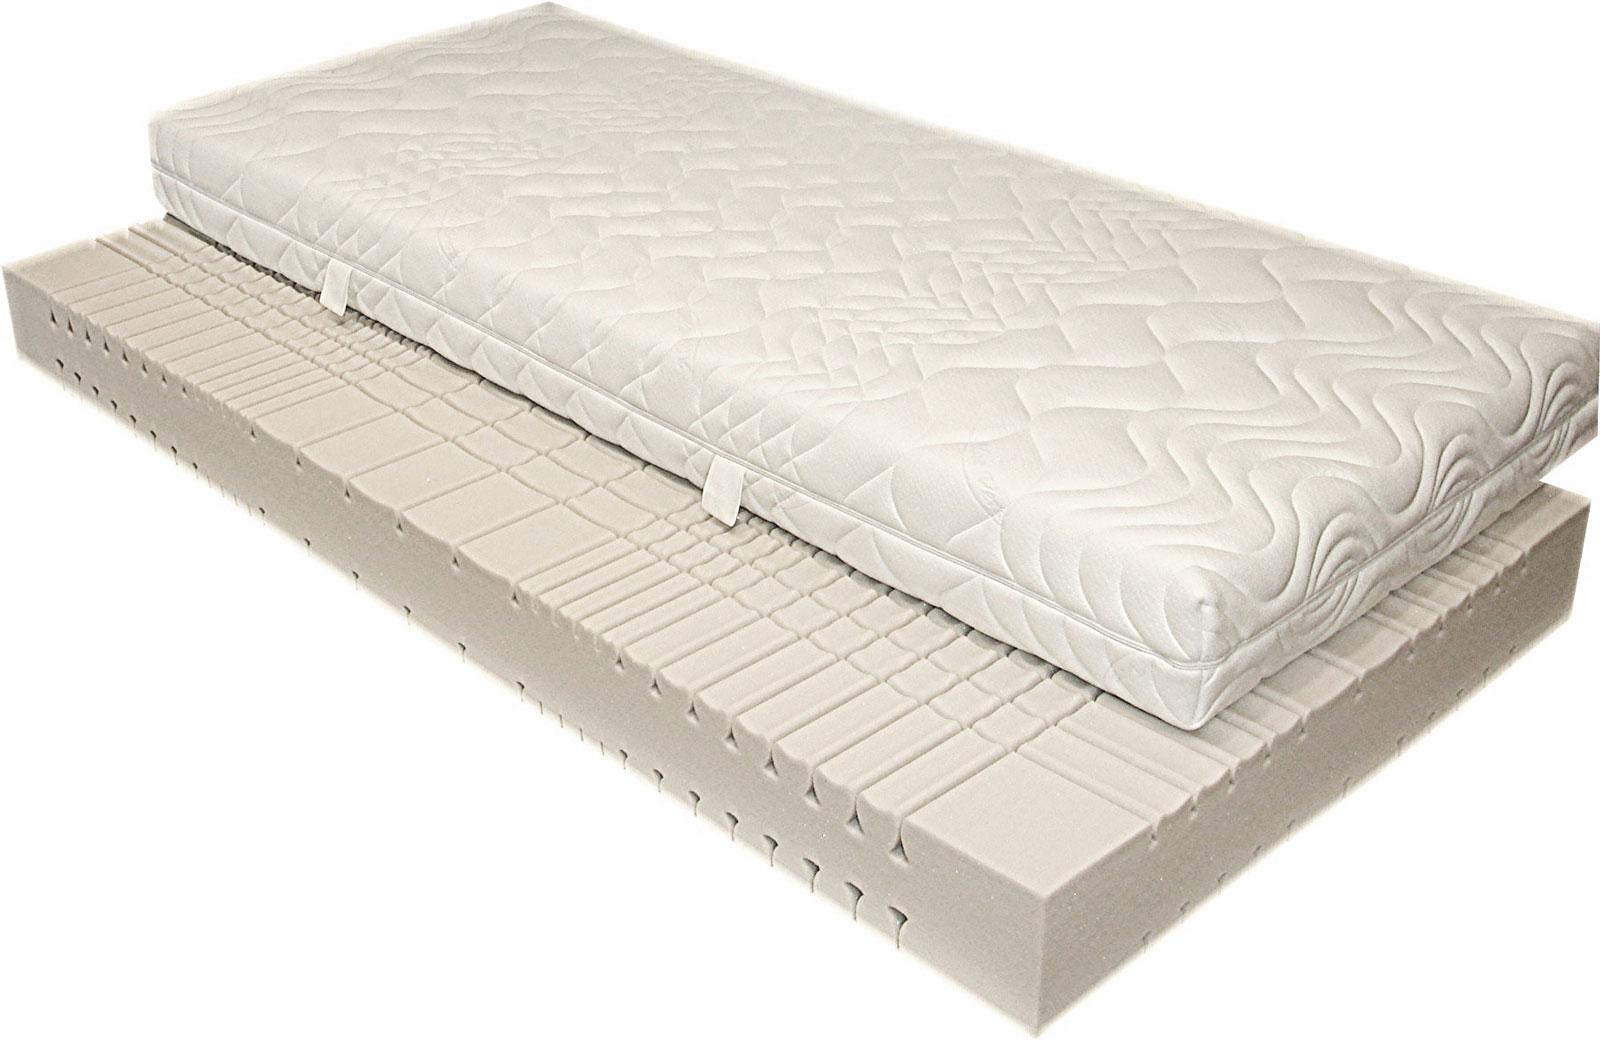 sam 7 zonen kaltschaum h3 matratze 160 x 200 cm komfort. Black Bedroom Furniture Sets. Home Design Ideas